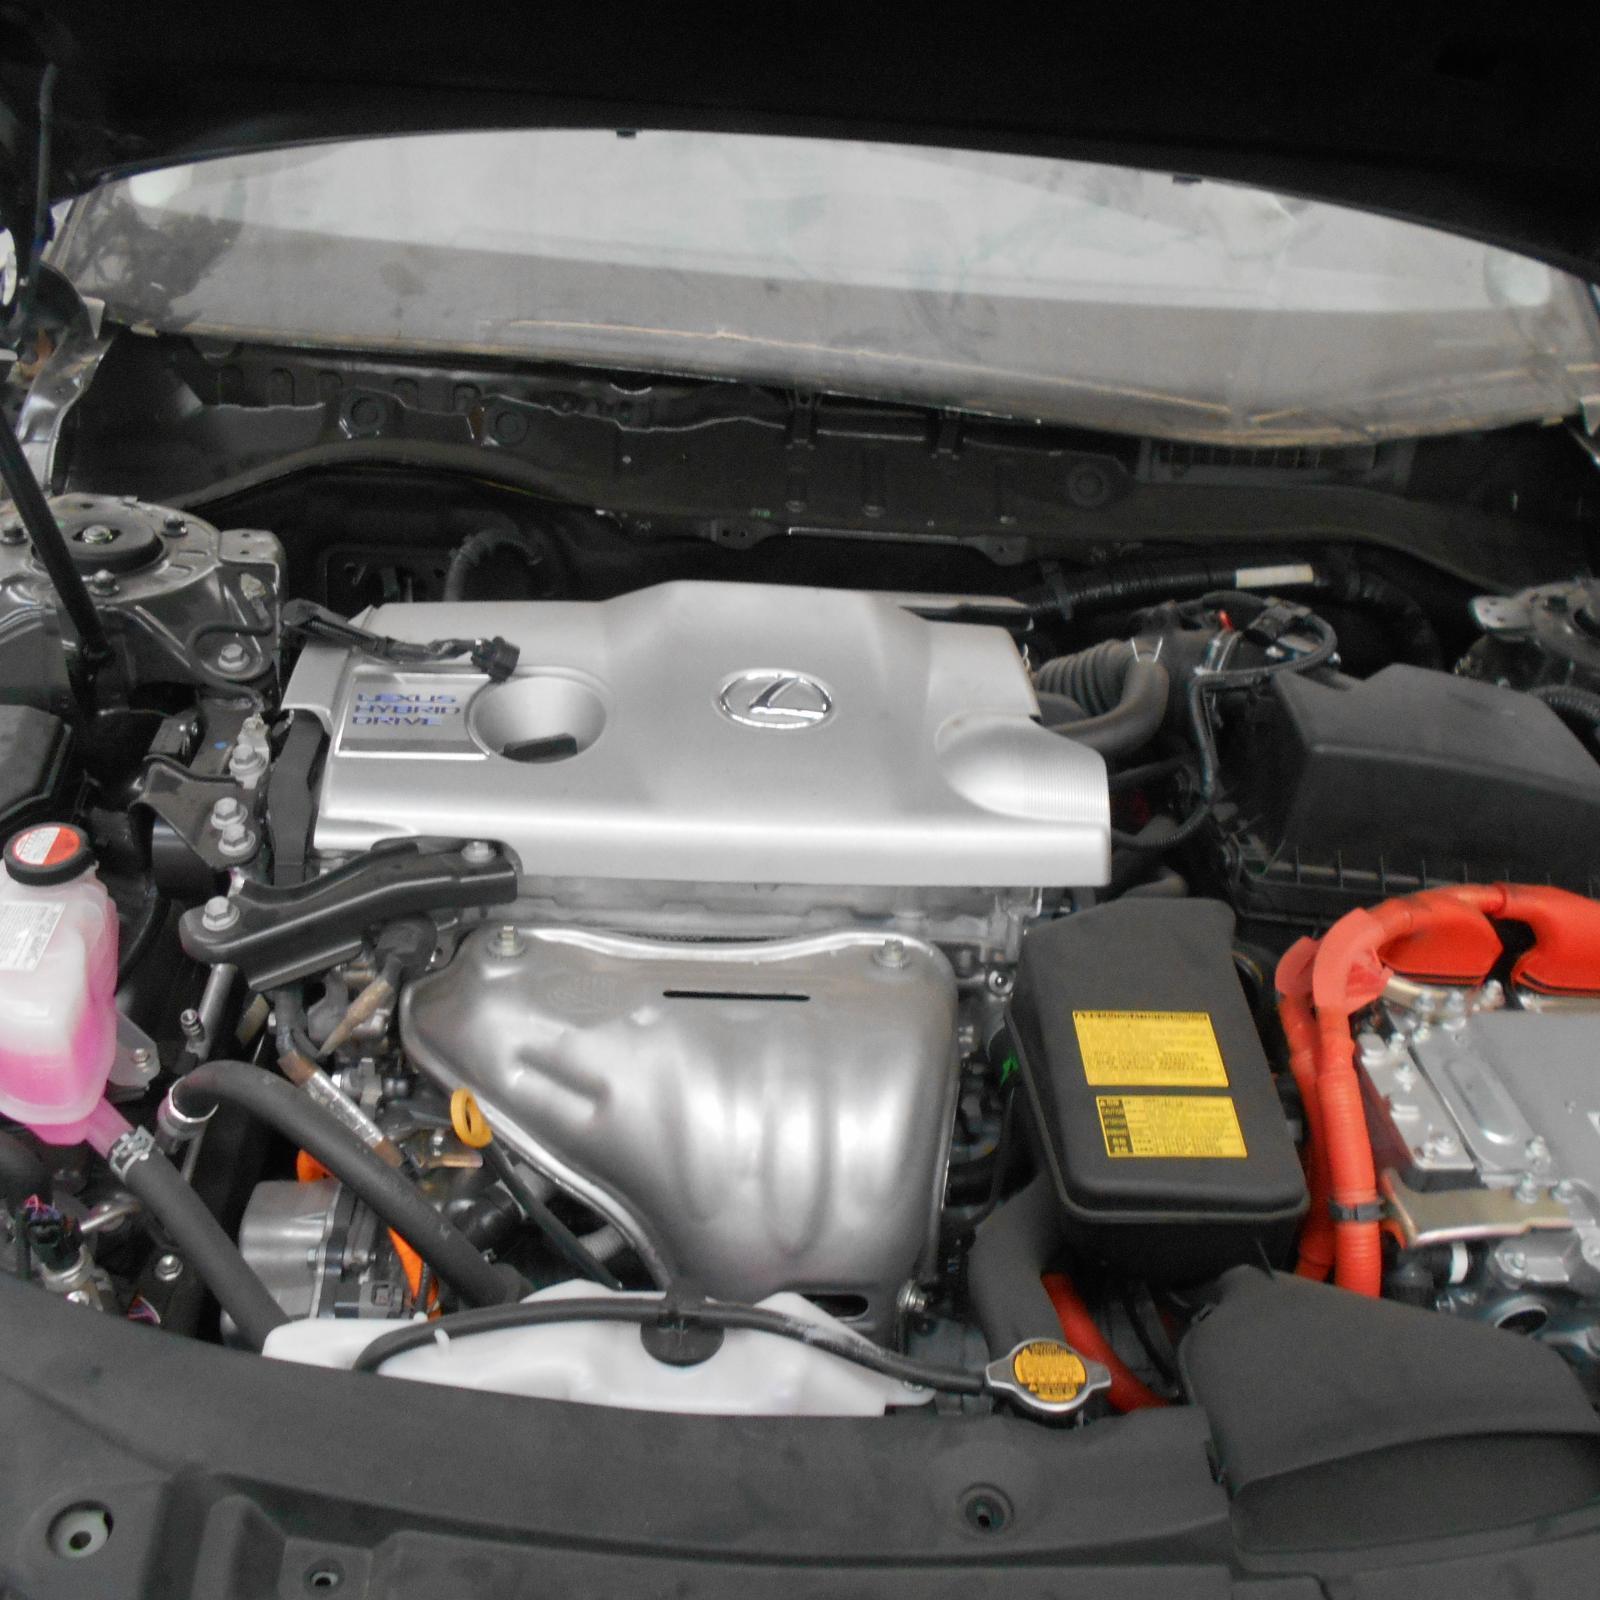 LEXUS ES350, Engine, PETROL, 2.5, 2AR, HYBRID, ES300H, AVV60R/GSV60R, 11/13-